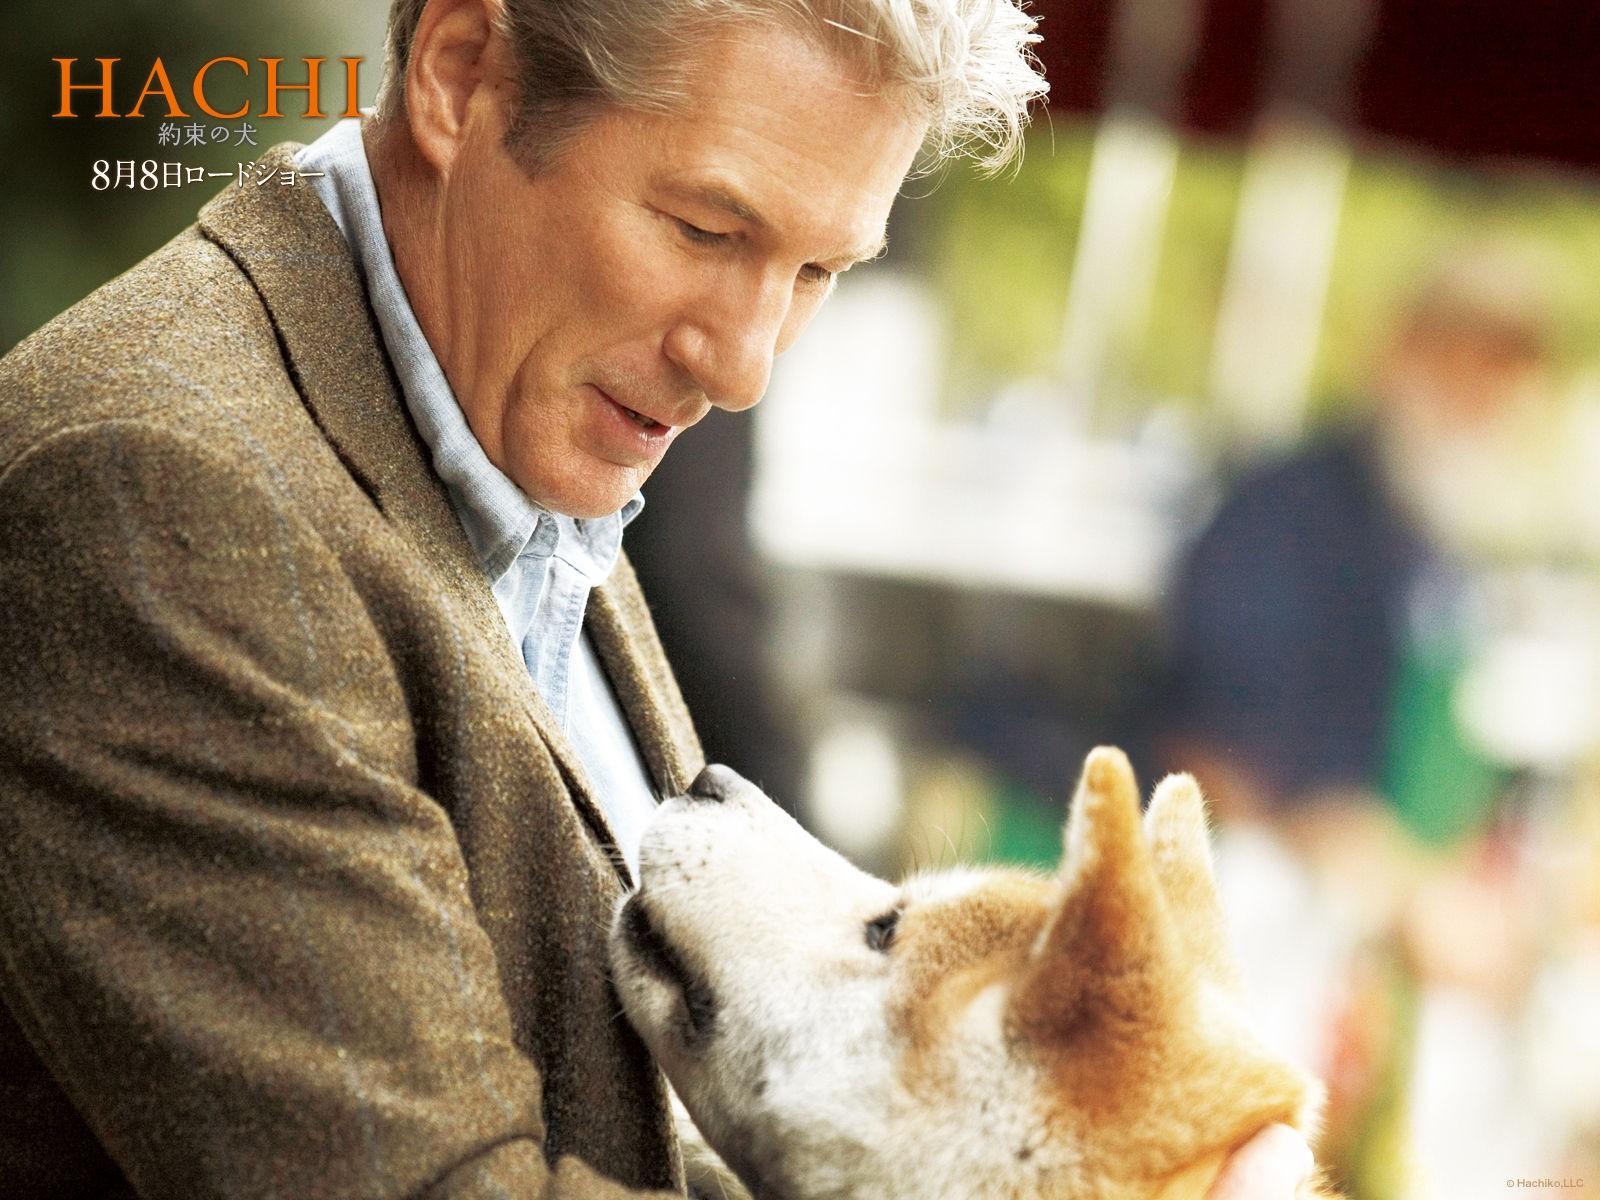 Un wallpaper del film Hachiko: A Dog's Story, con Richard Gere